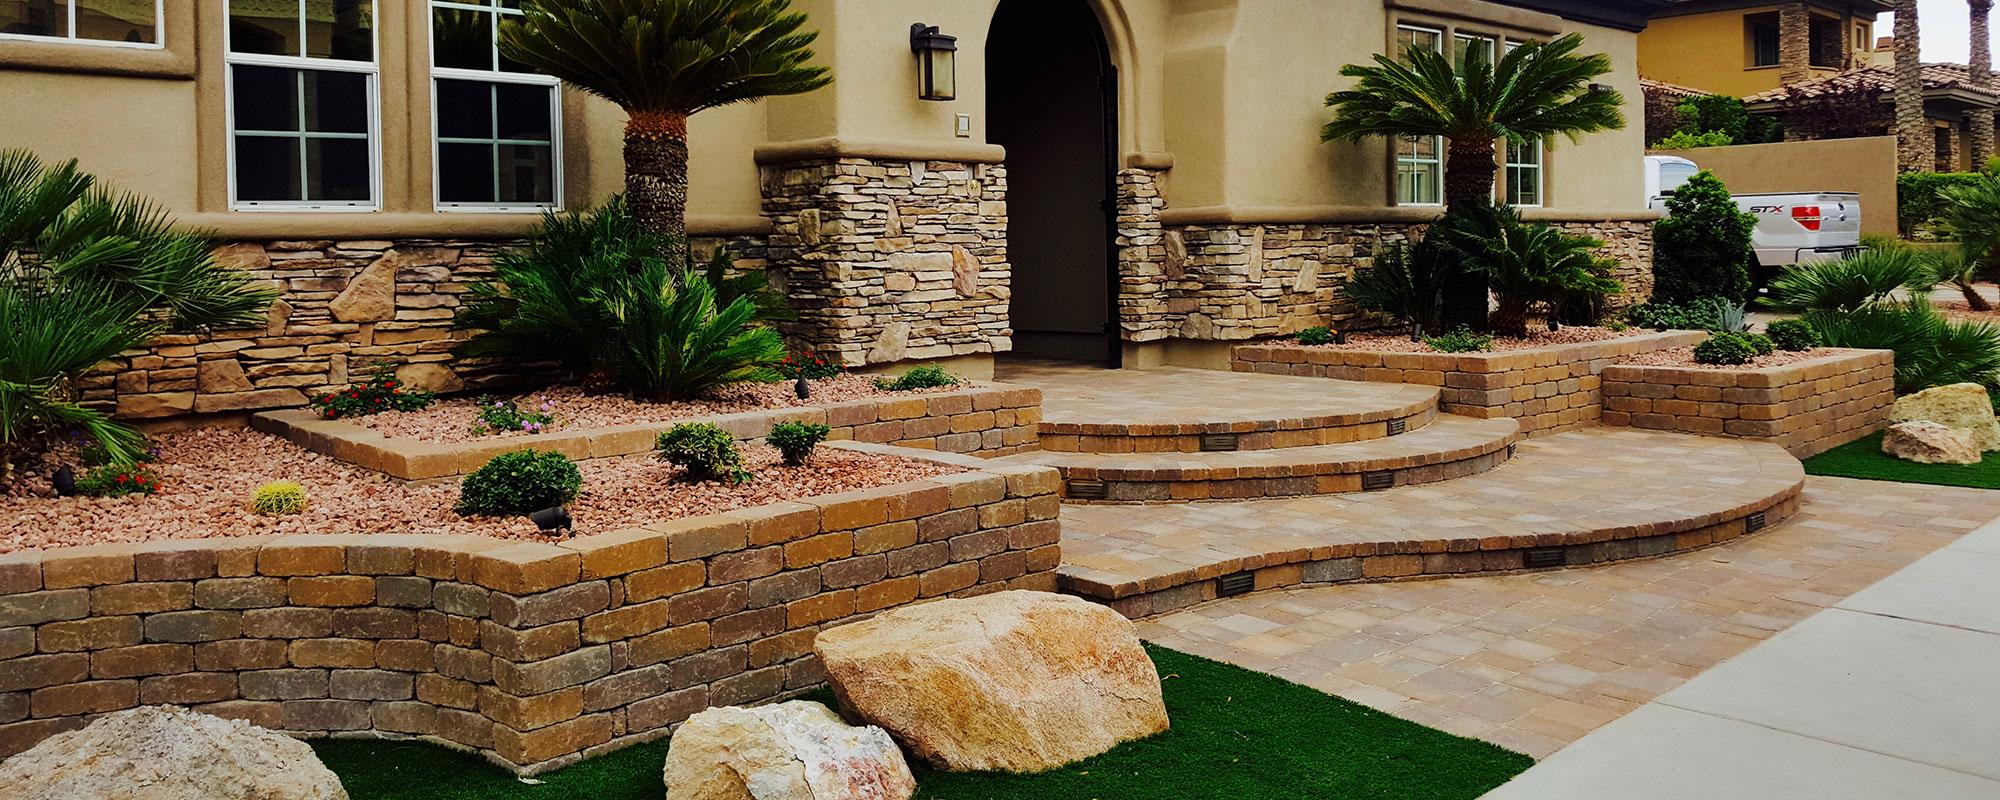 Las Vegas Landscape Company Maintenance And Design